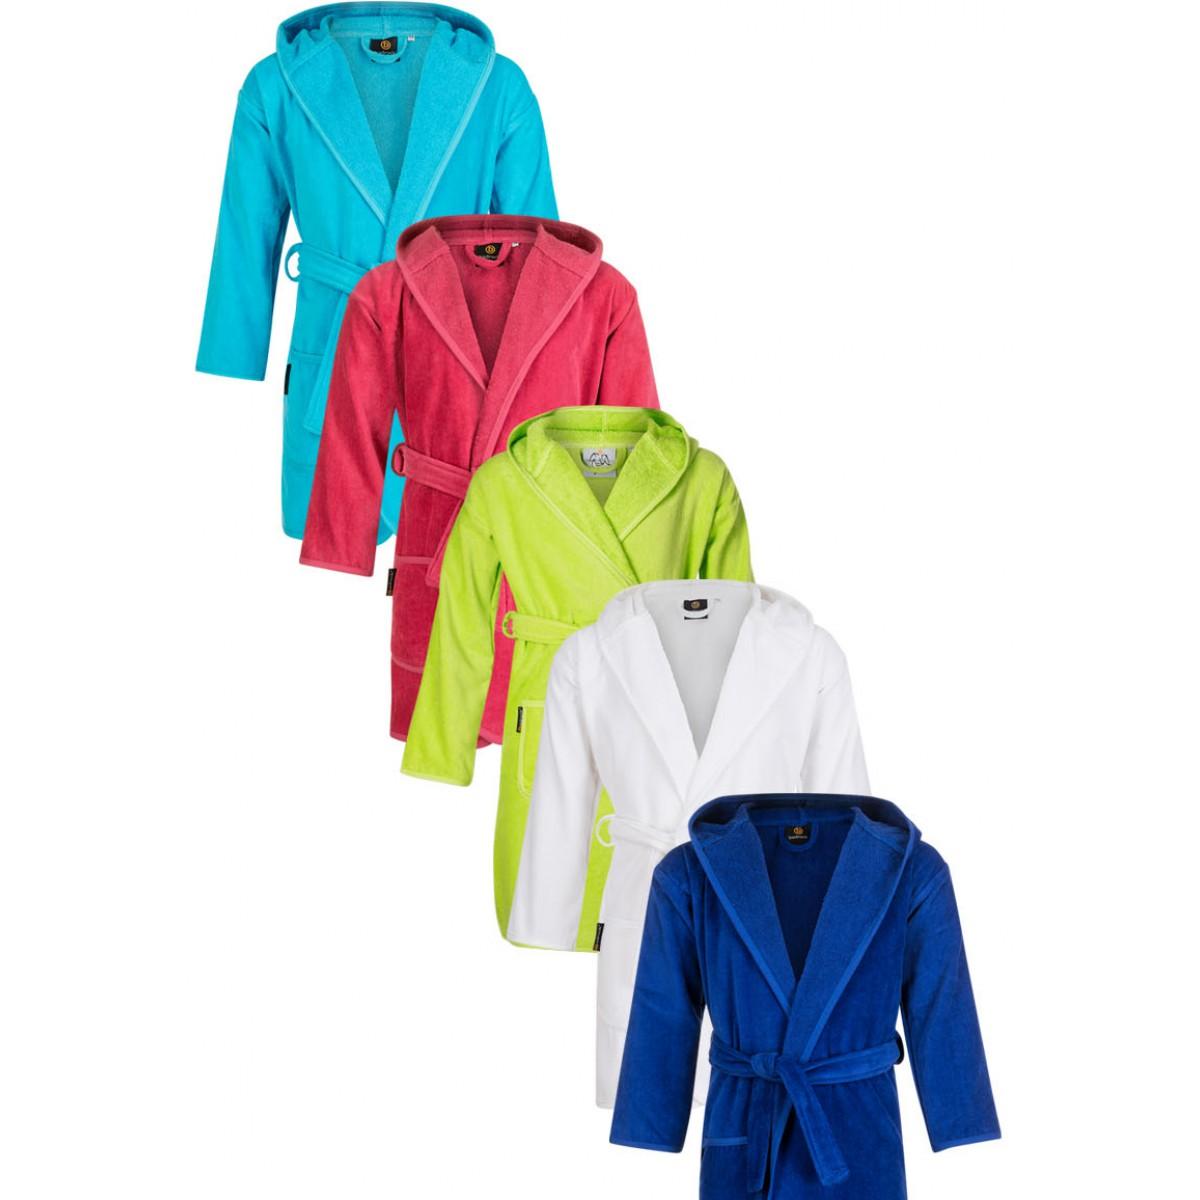 Kinderbadjassen effen kleuren